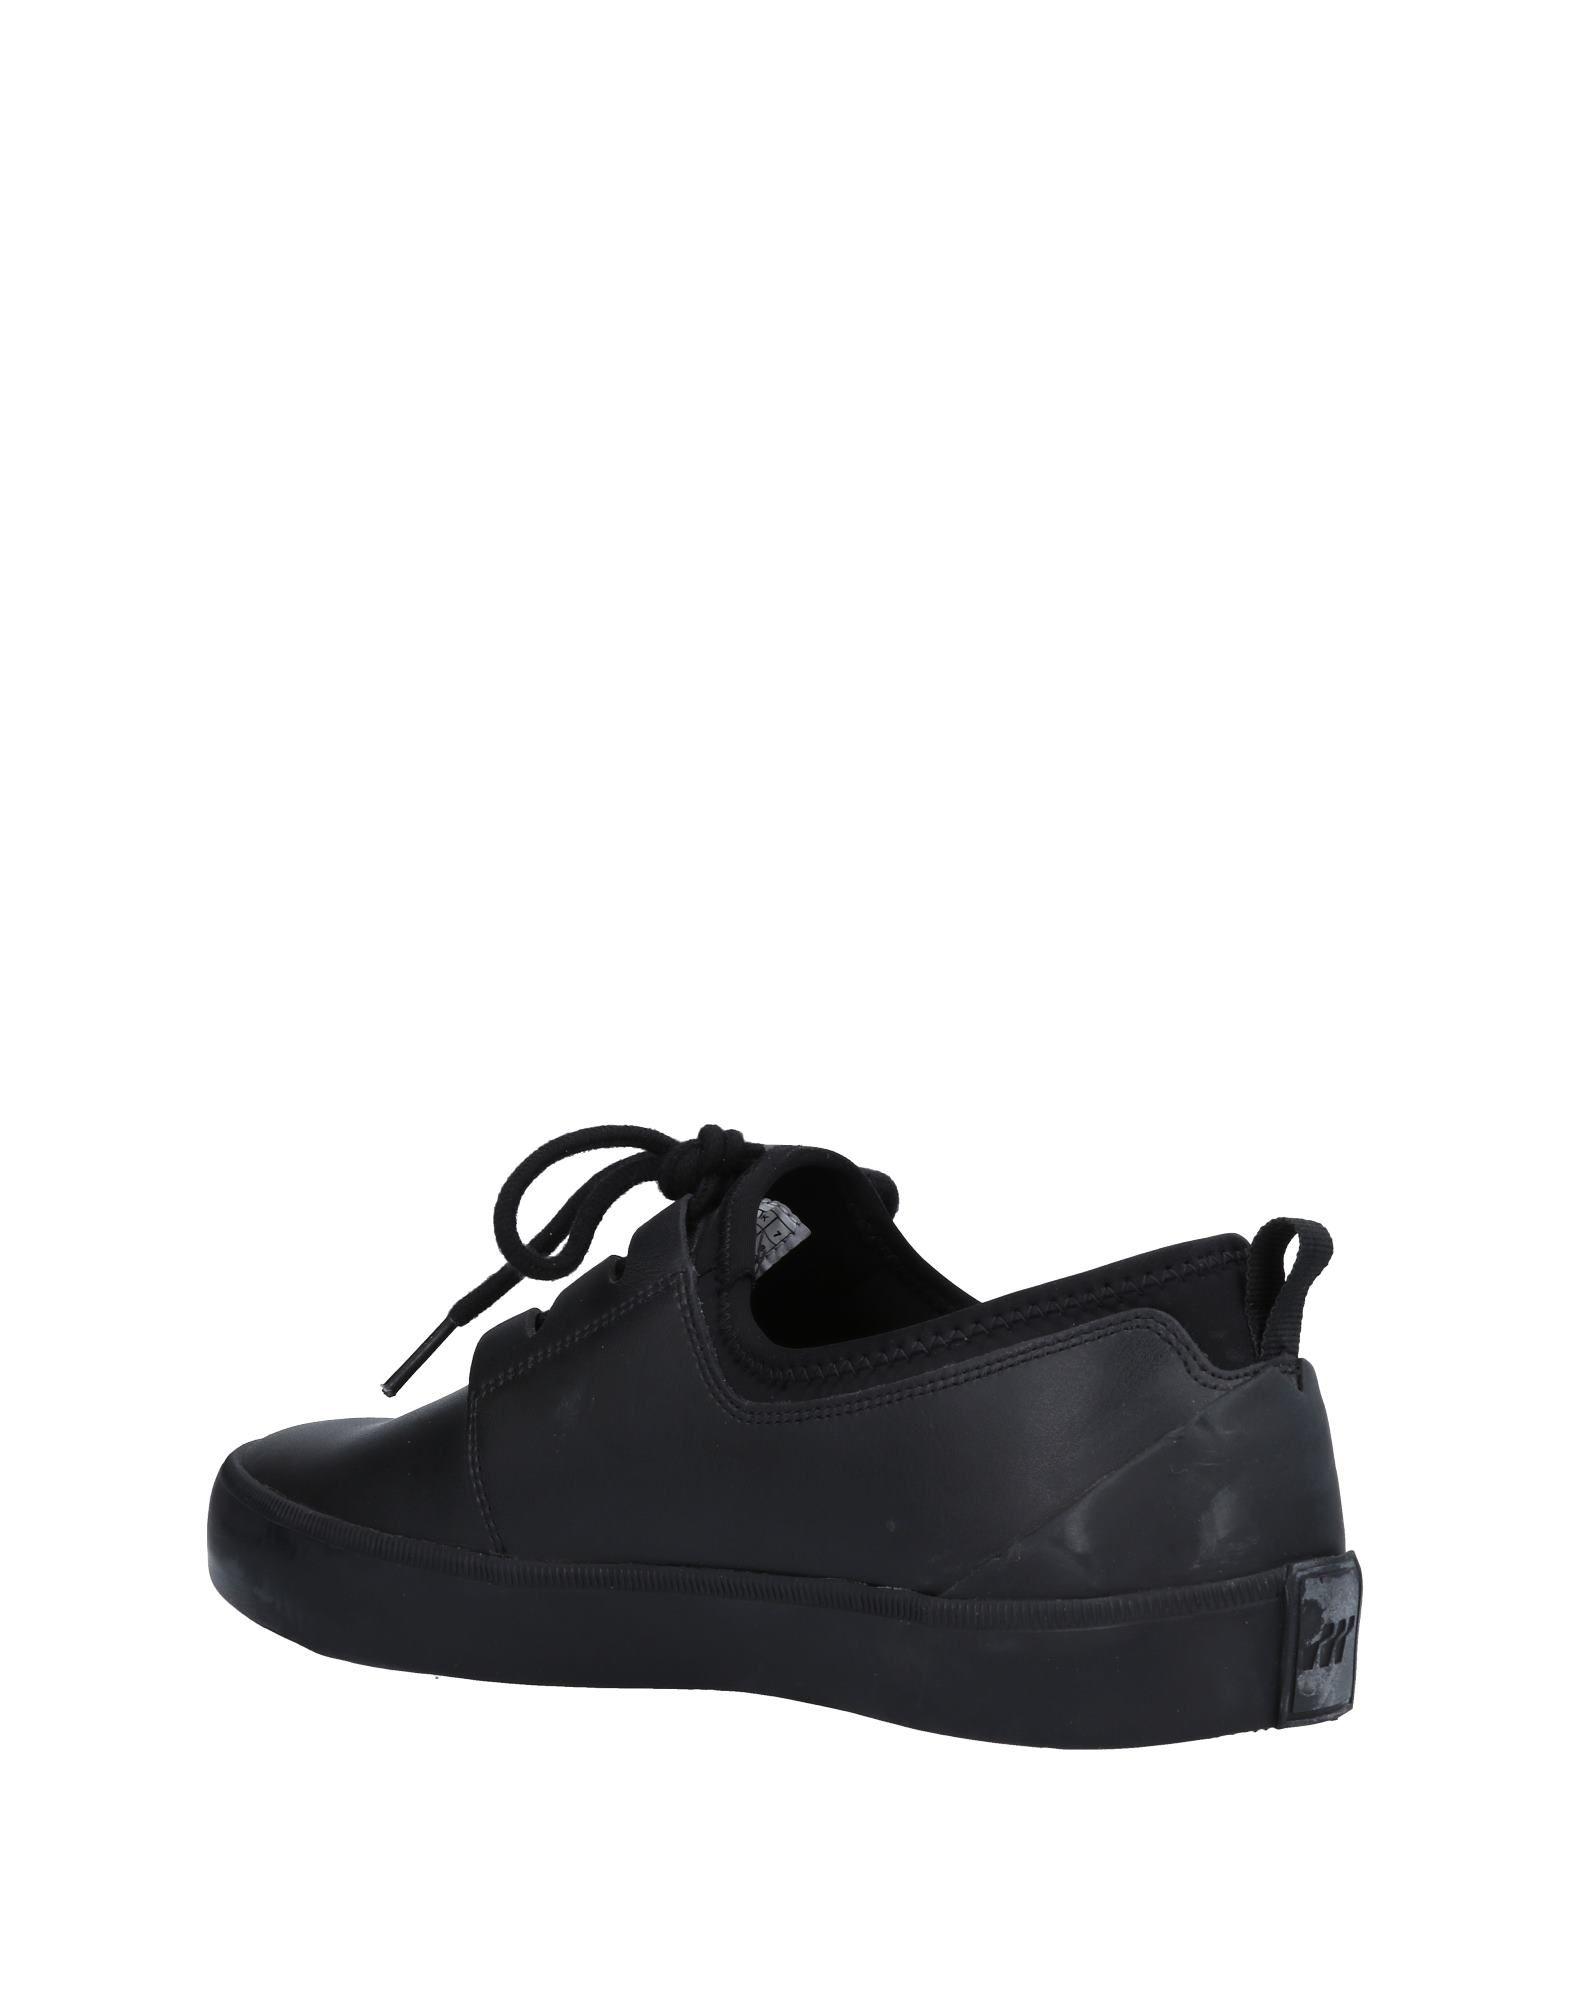 Boxfresh Sneakers Herren Herren Sneakers  11500278MP e203e5